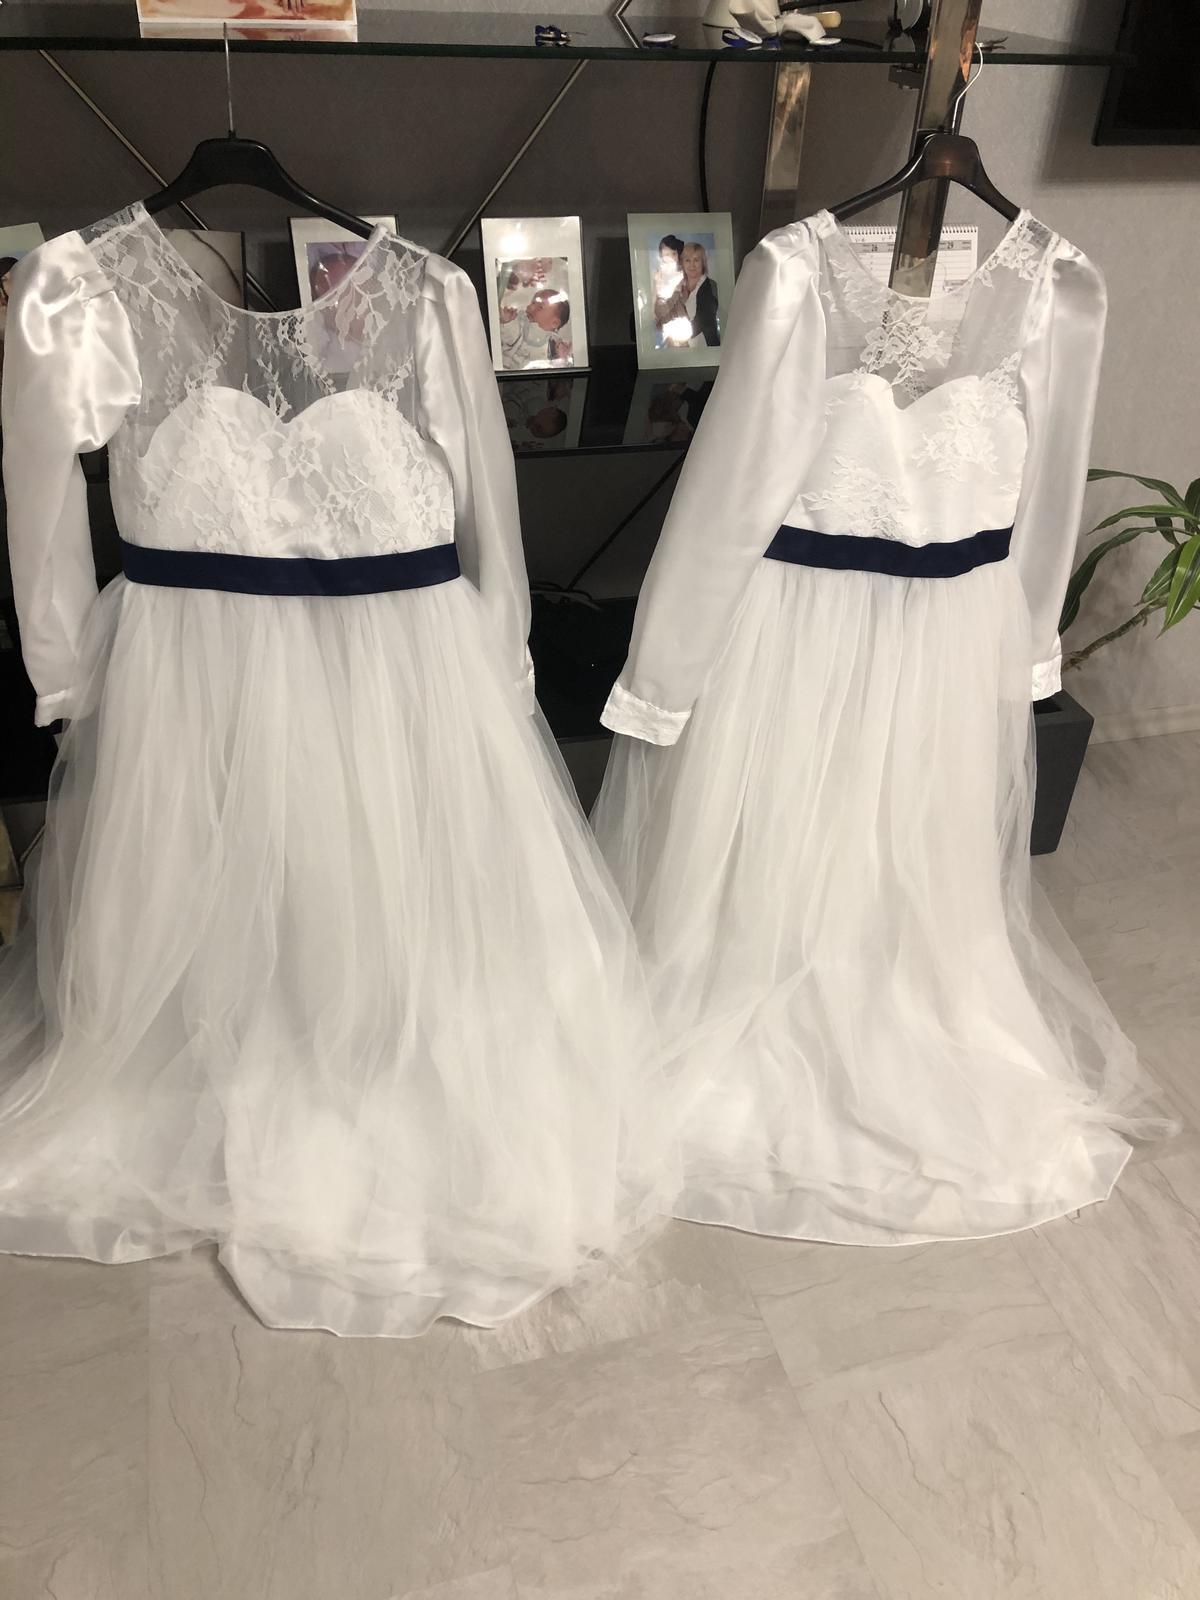 Modro bílá svatba - Obrázek č. 1